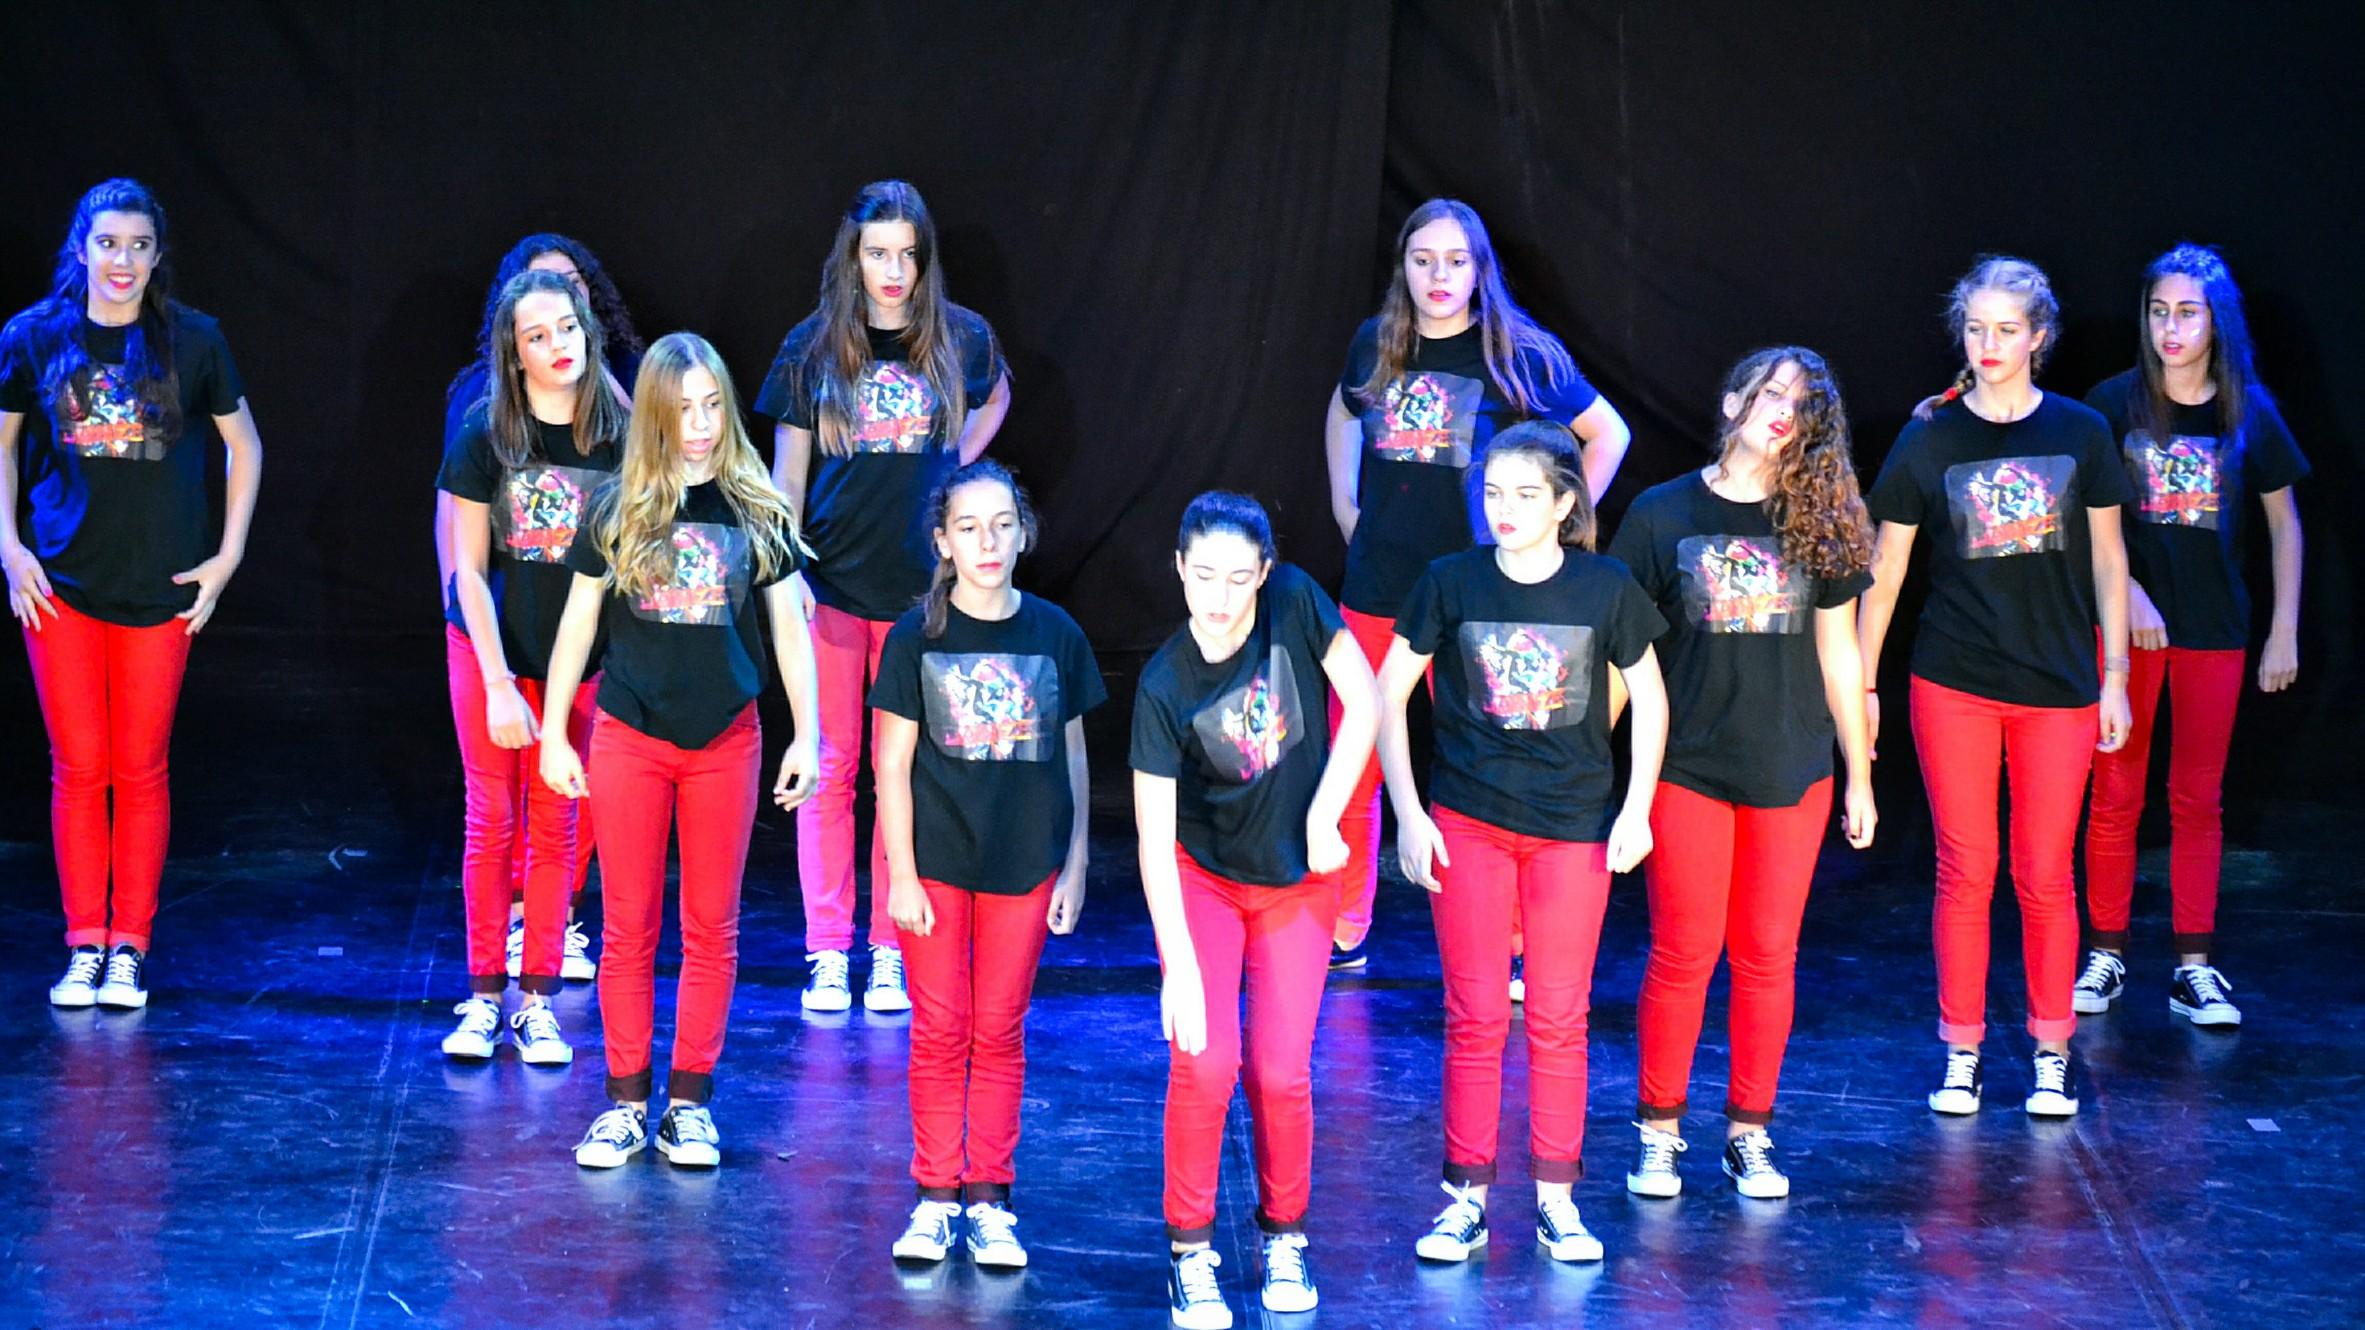 Linea-de-Baile-festival-verano-2015-clases-de-baile-valencia-64